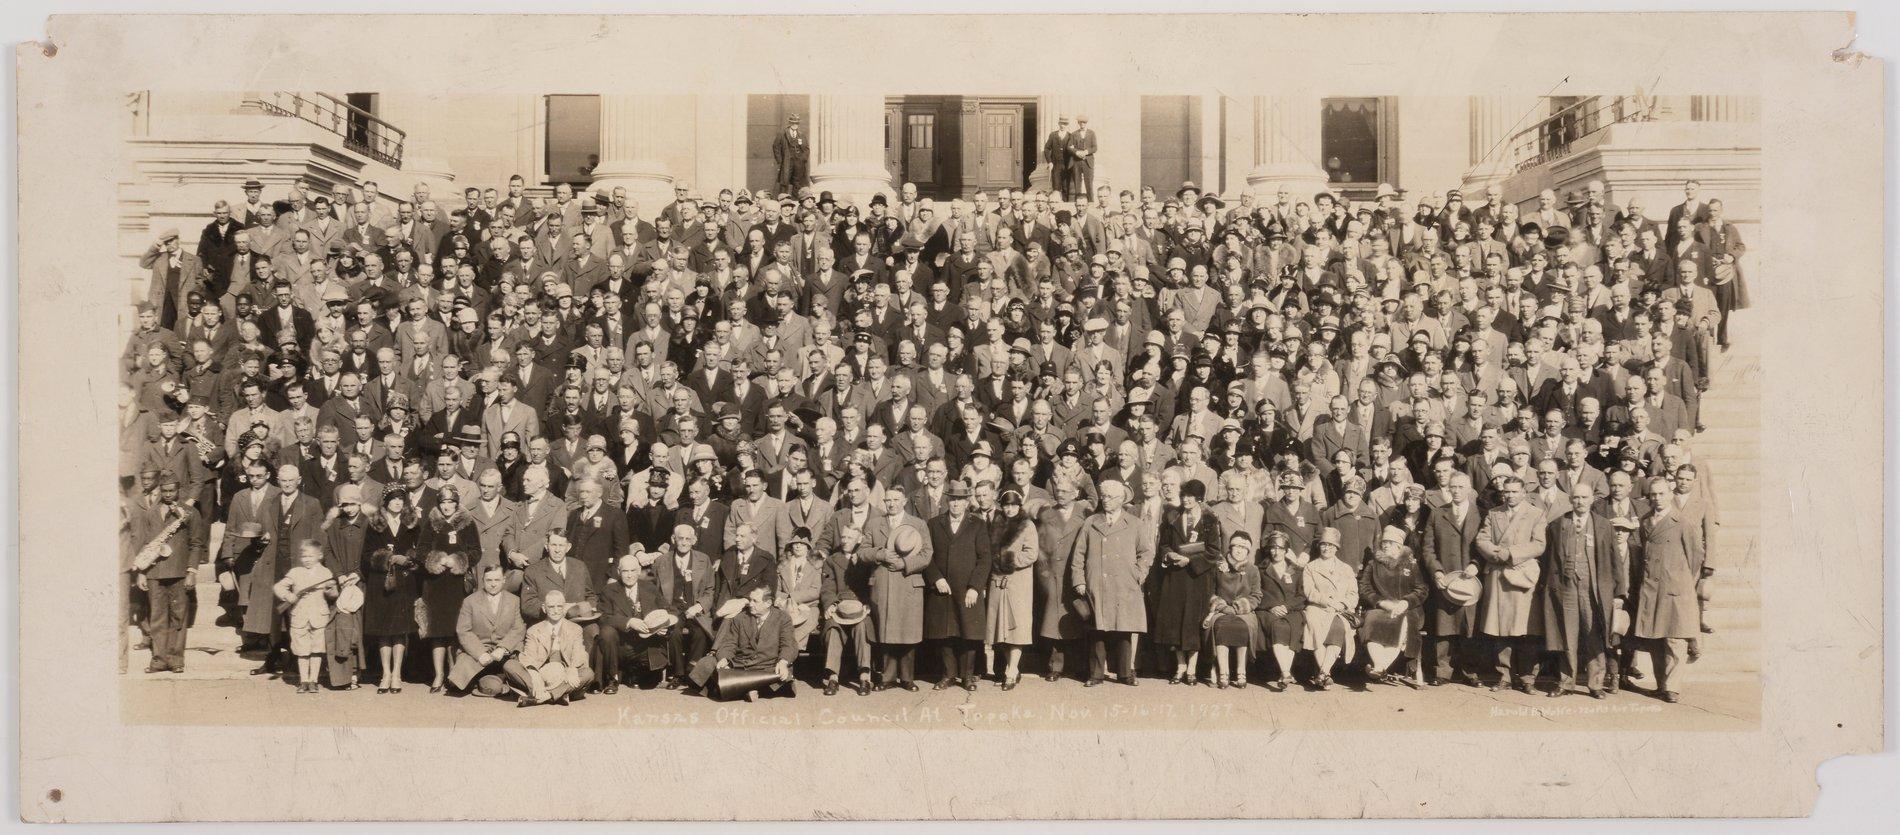 Kansas Official Council at Topeka, Kansas - 1